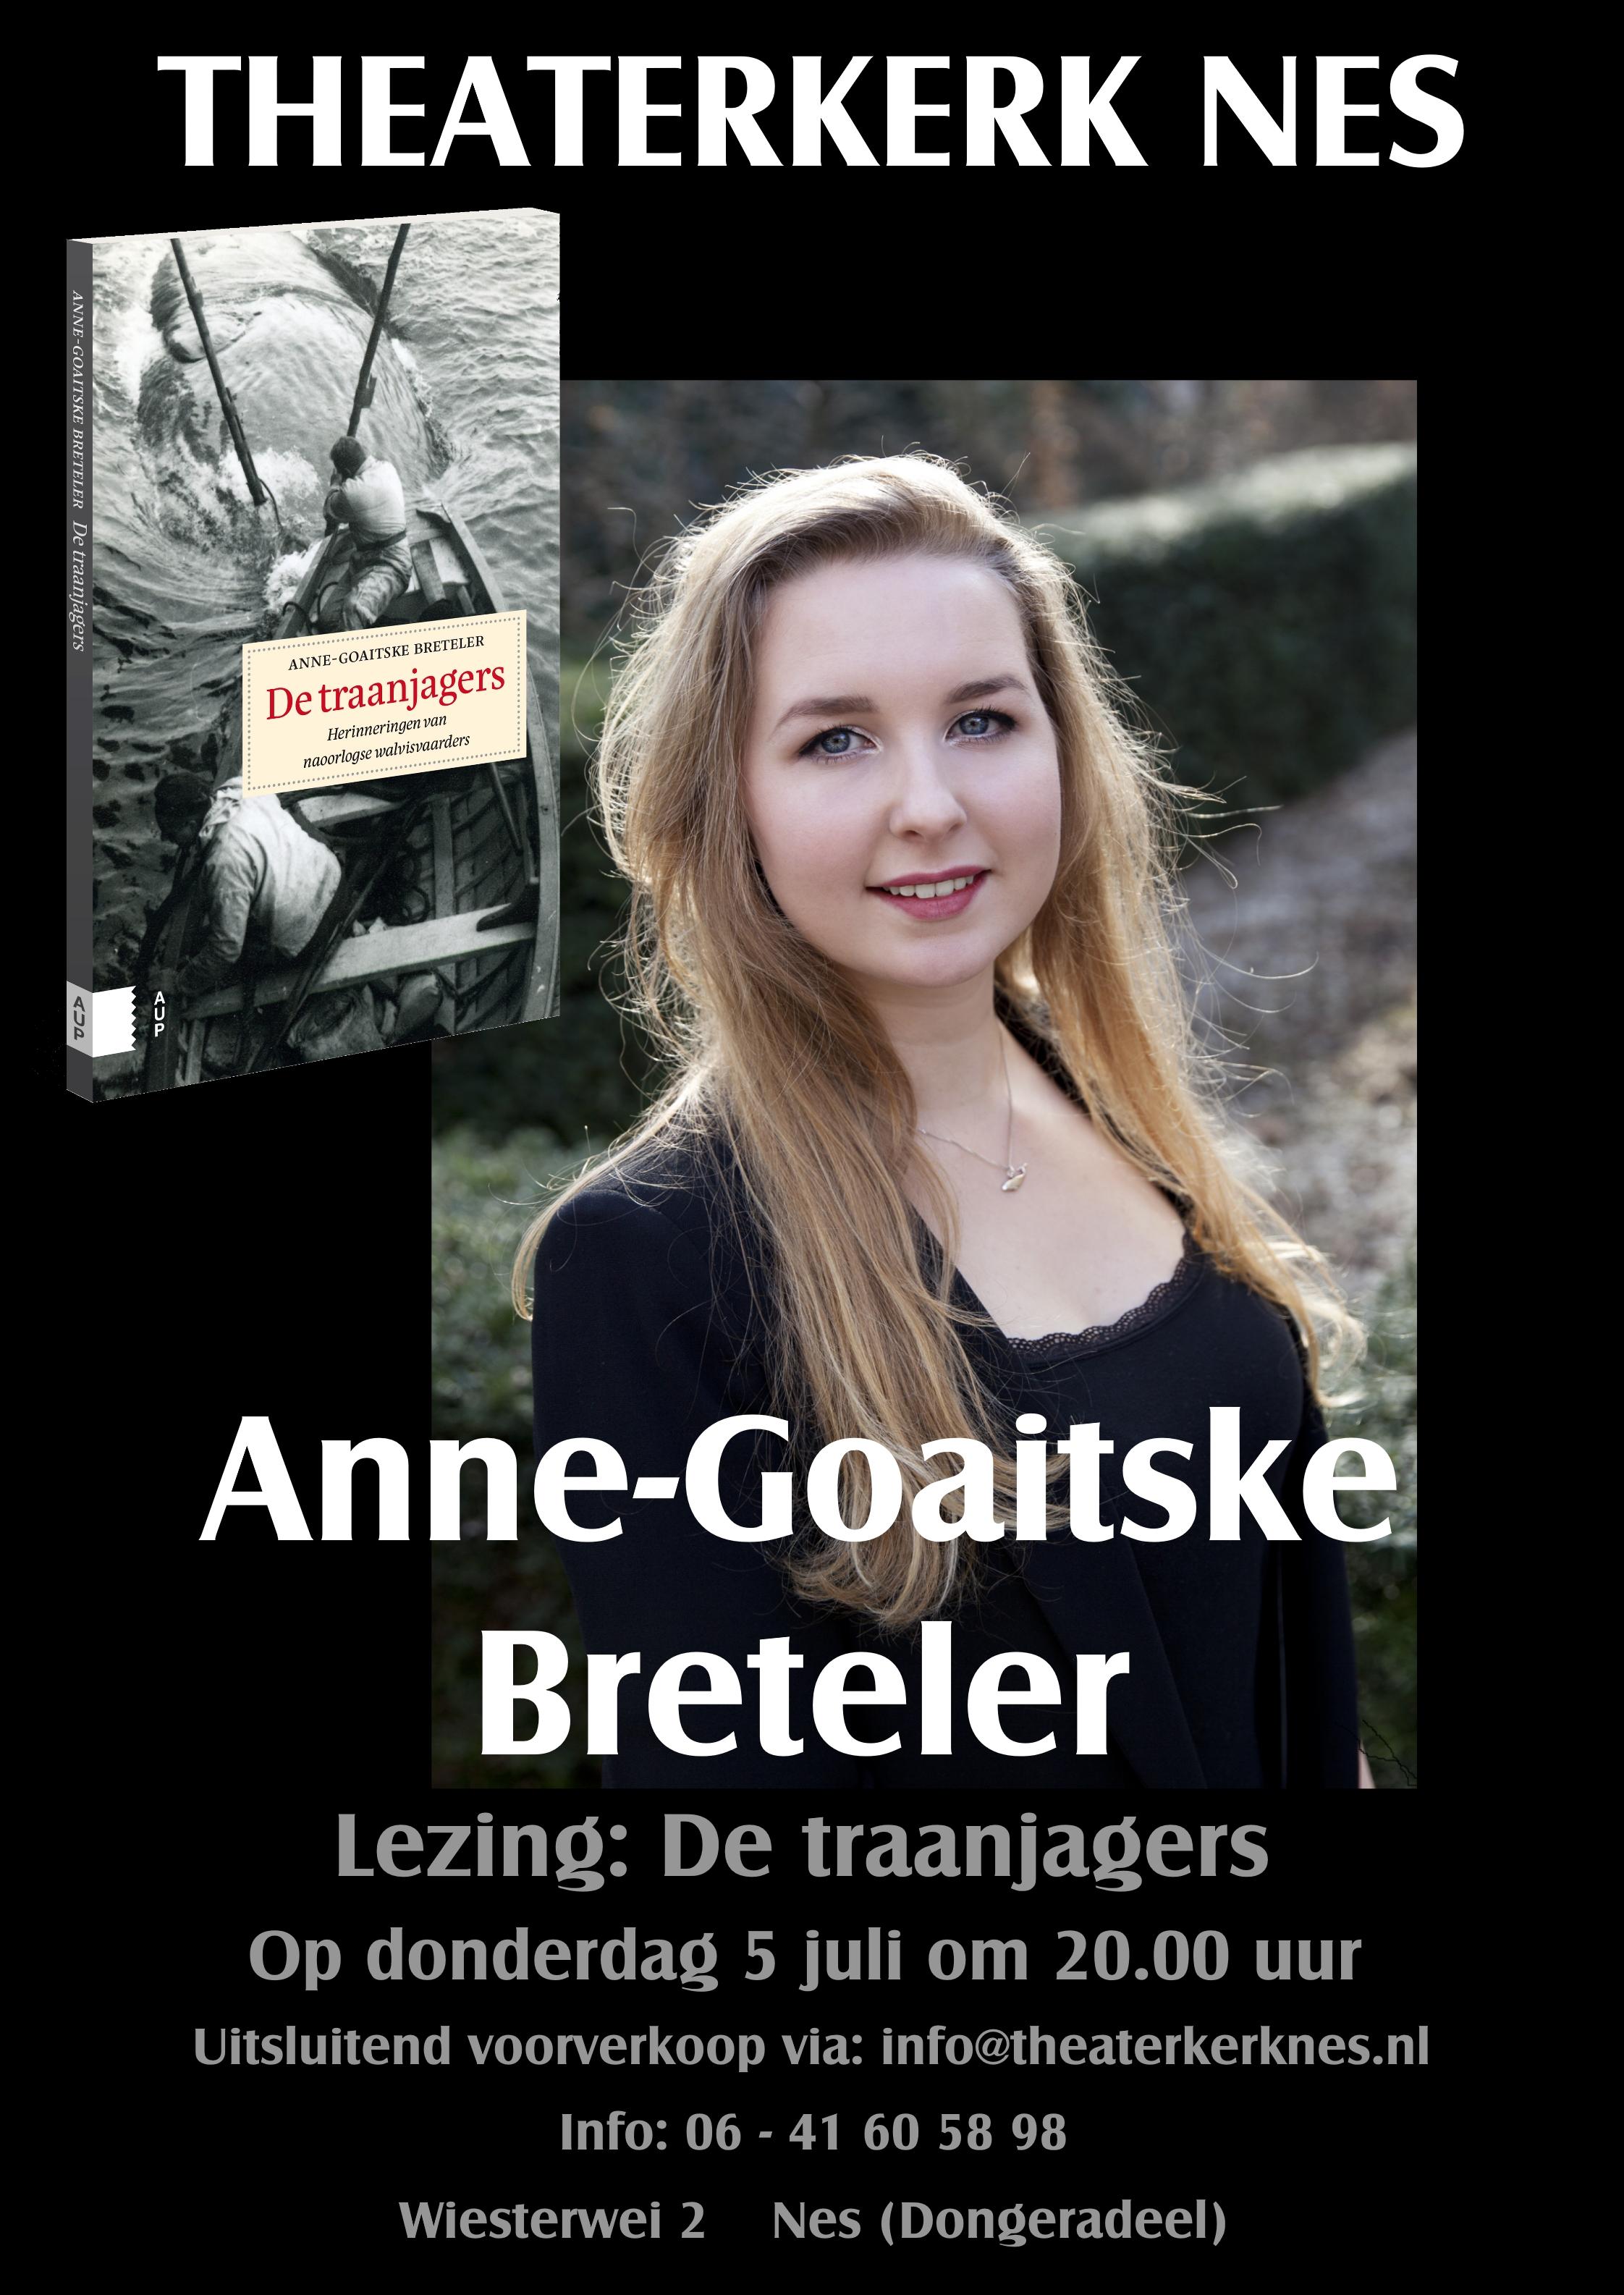 Promotie flyer gemaakt voor Theaterkerk Nes